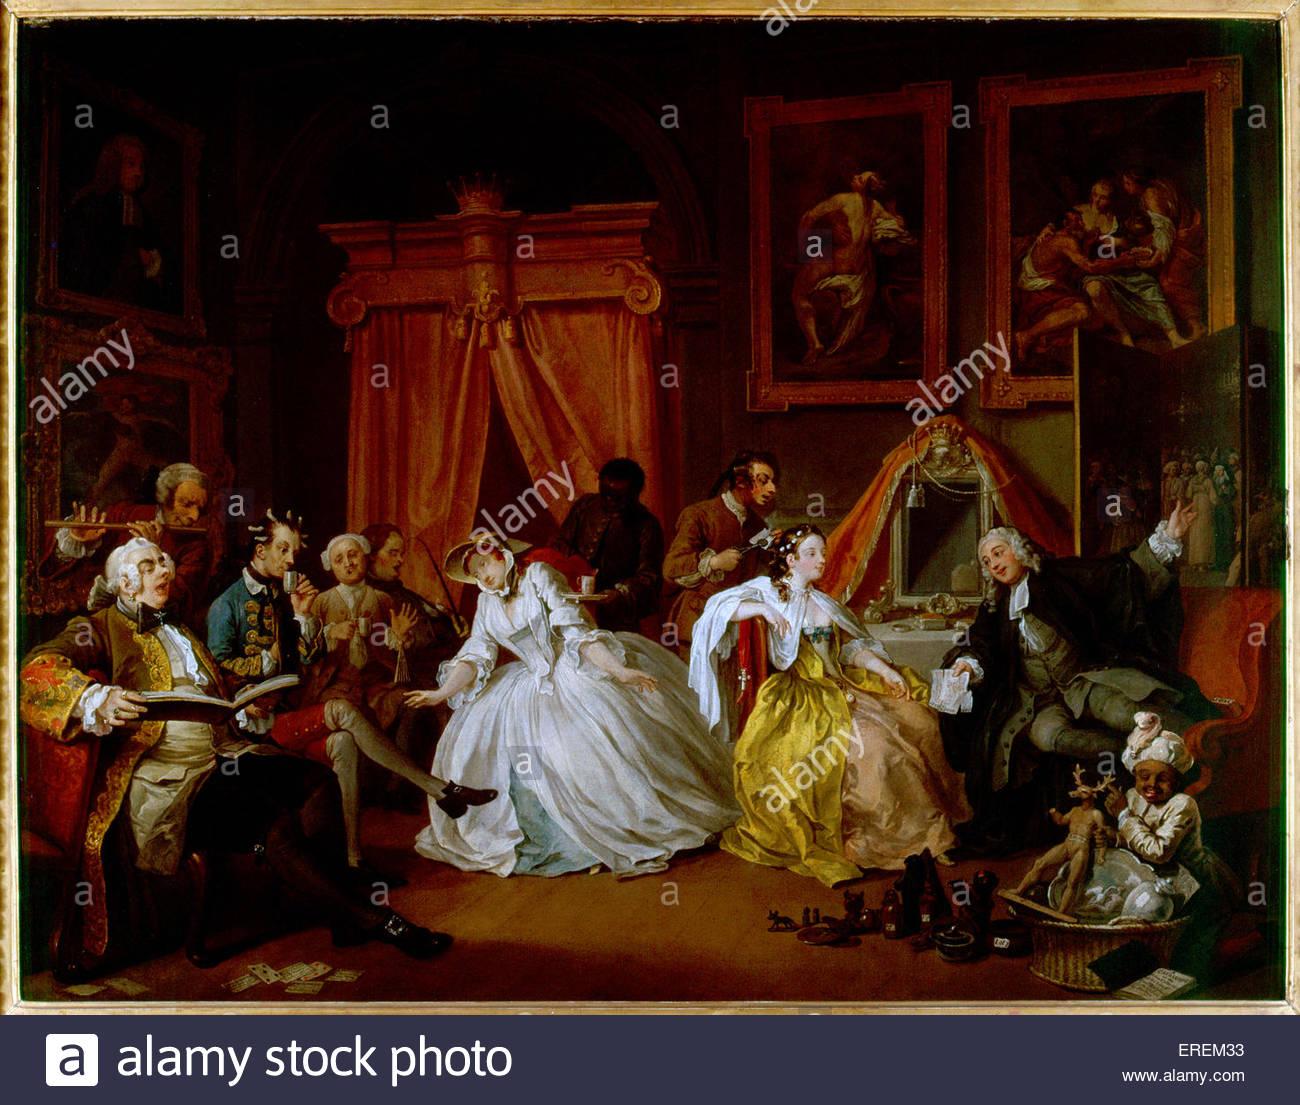 Ehe A-la-Mode: 4, die Toilette von William Hogarth. Ca. 1743, Ölgemälde, 70,5 x 90,8 cm.  Gemälde Stockbild